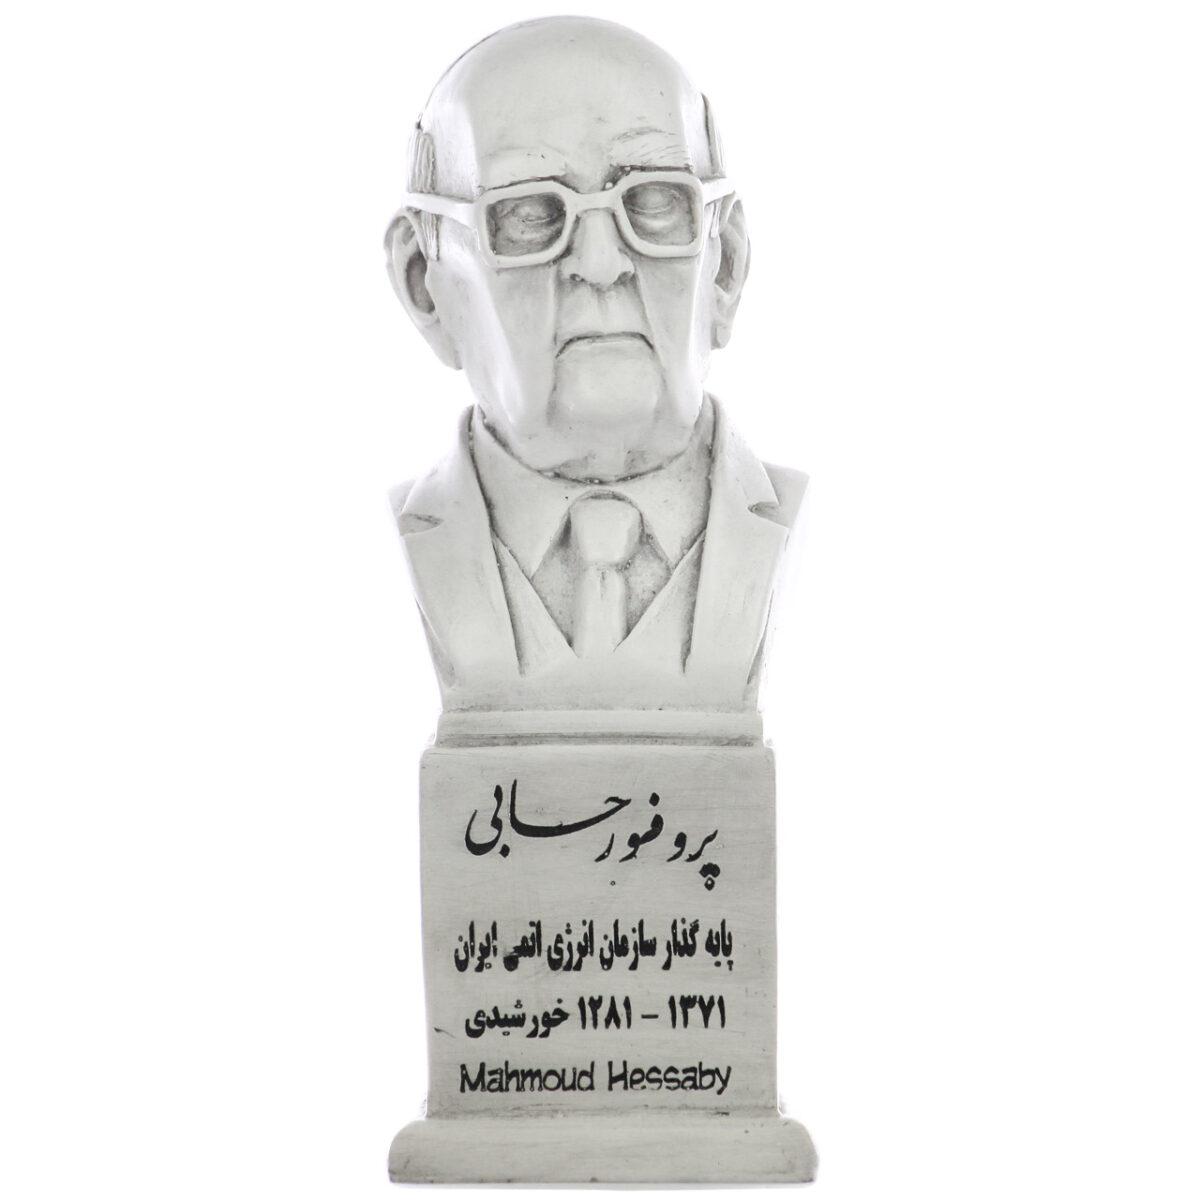 سردیس پروفسور محمود حسابی